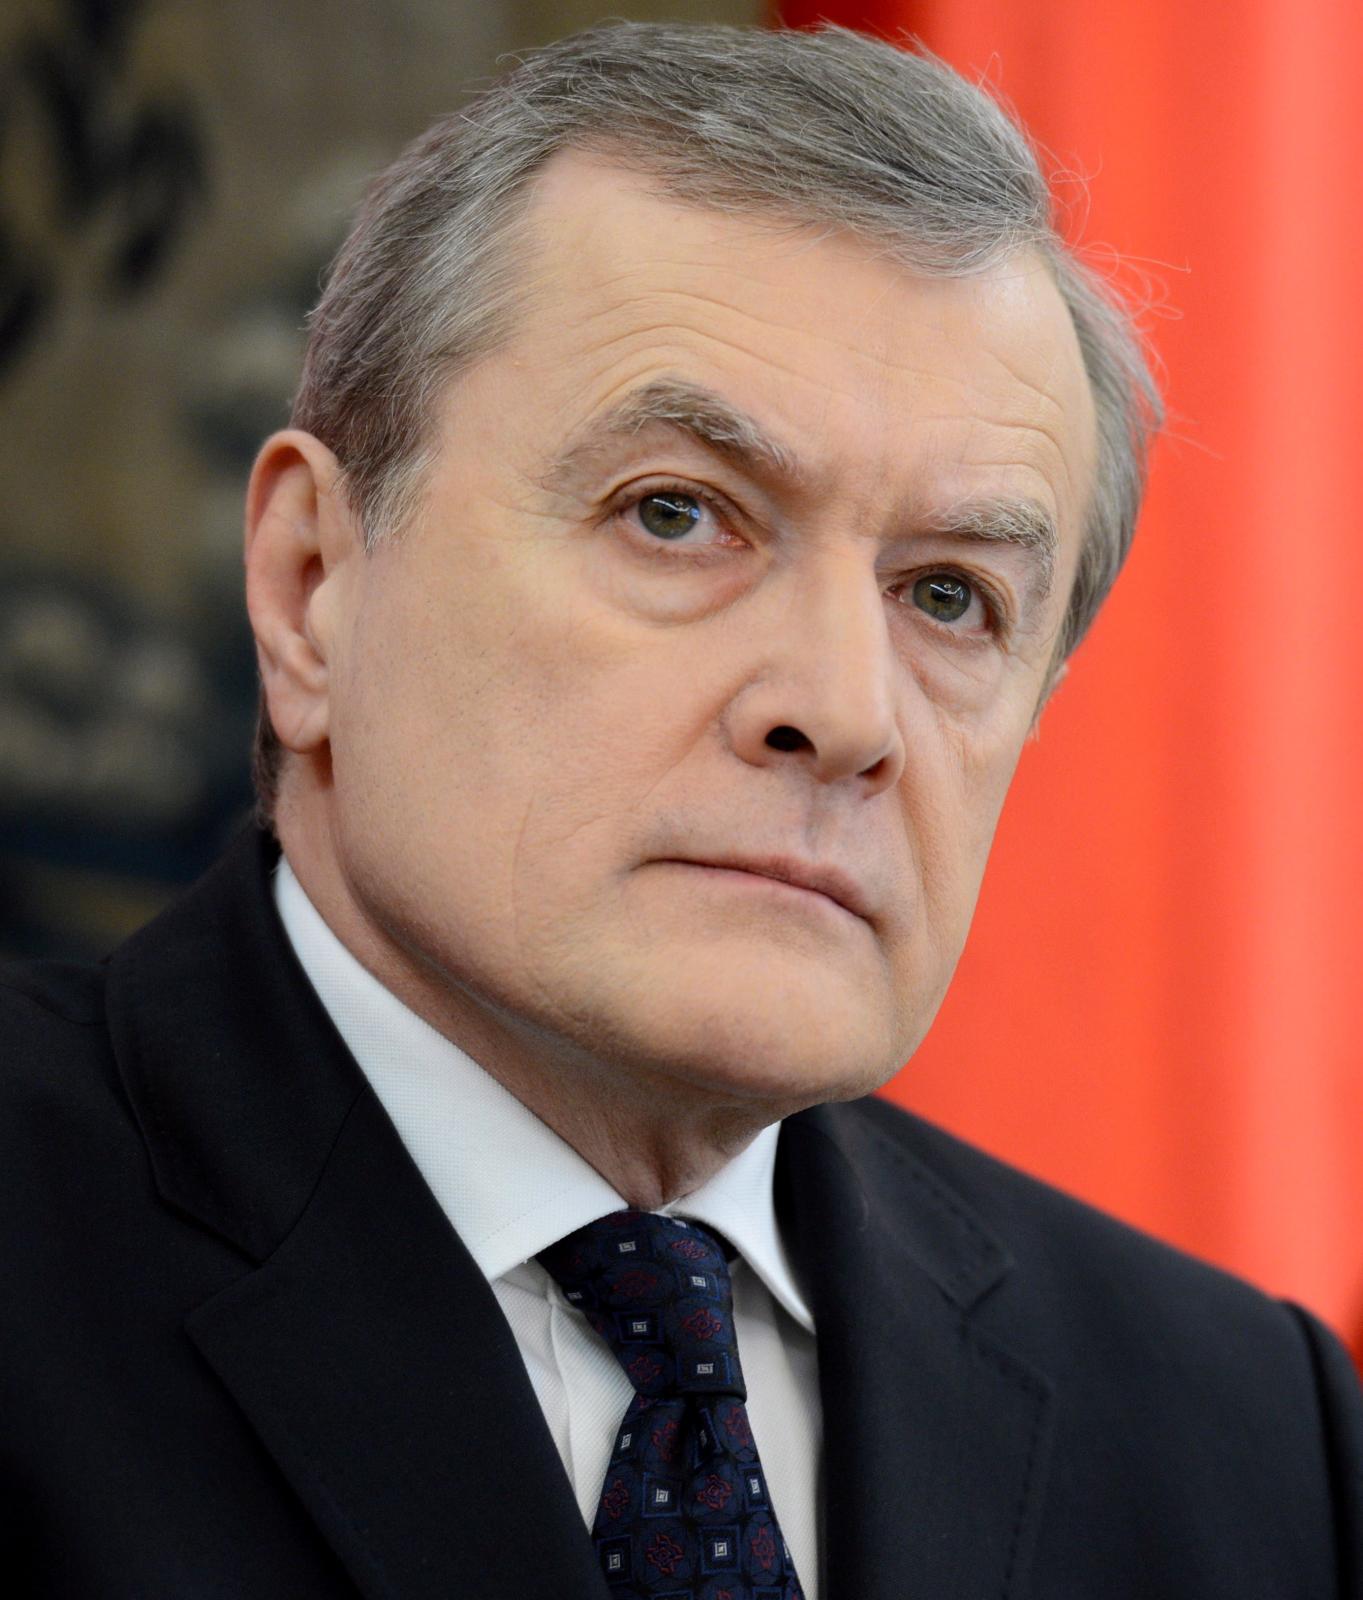 prof. Gliński